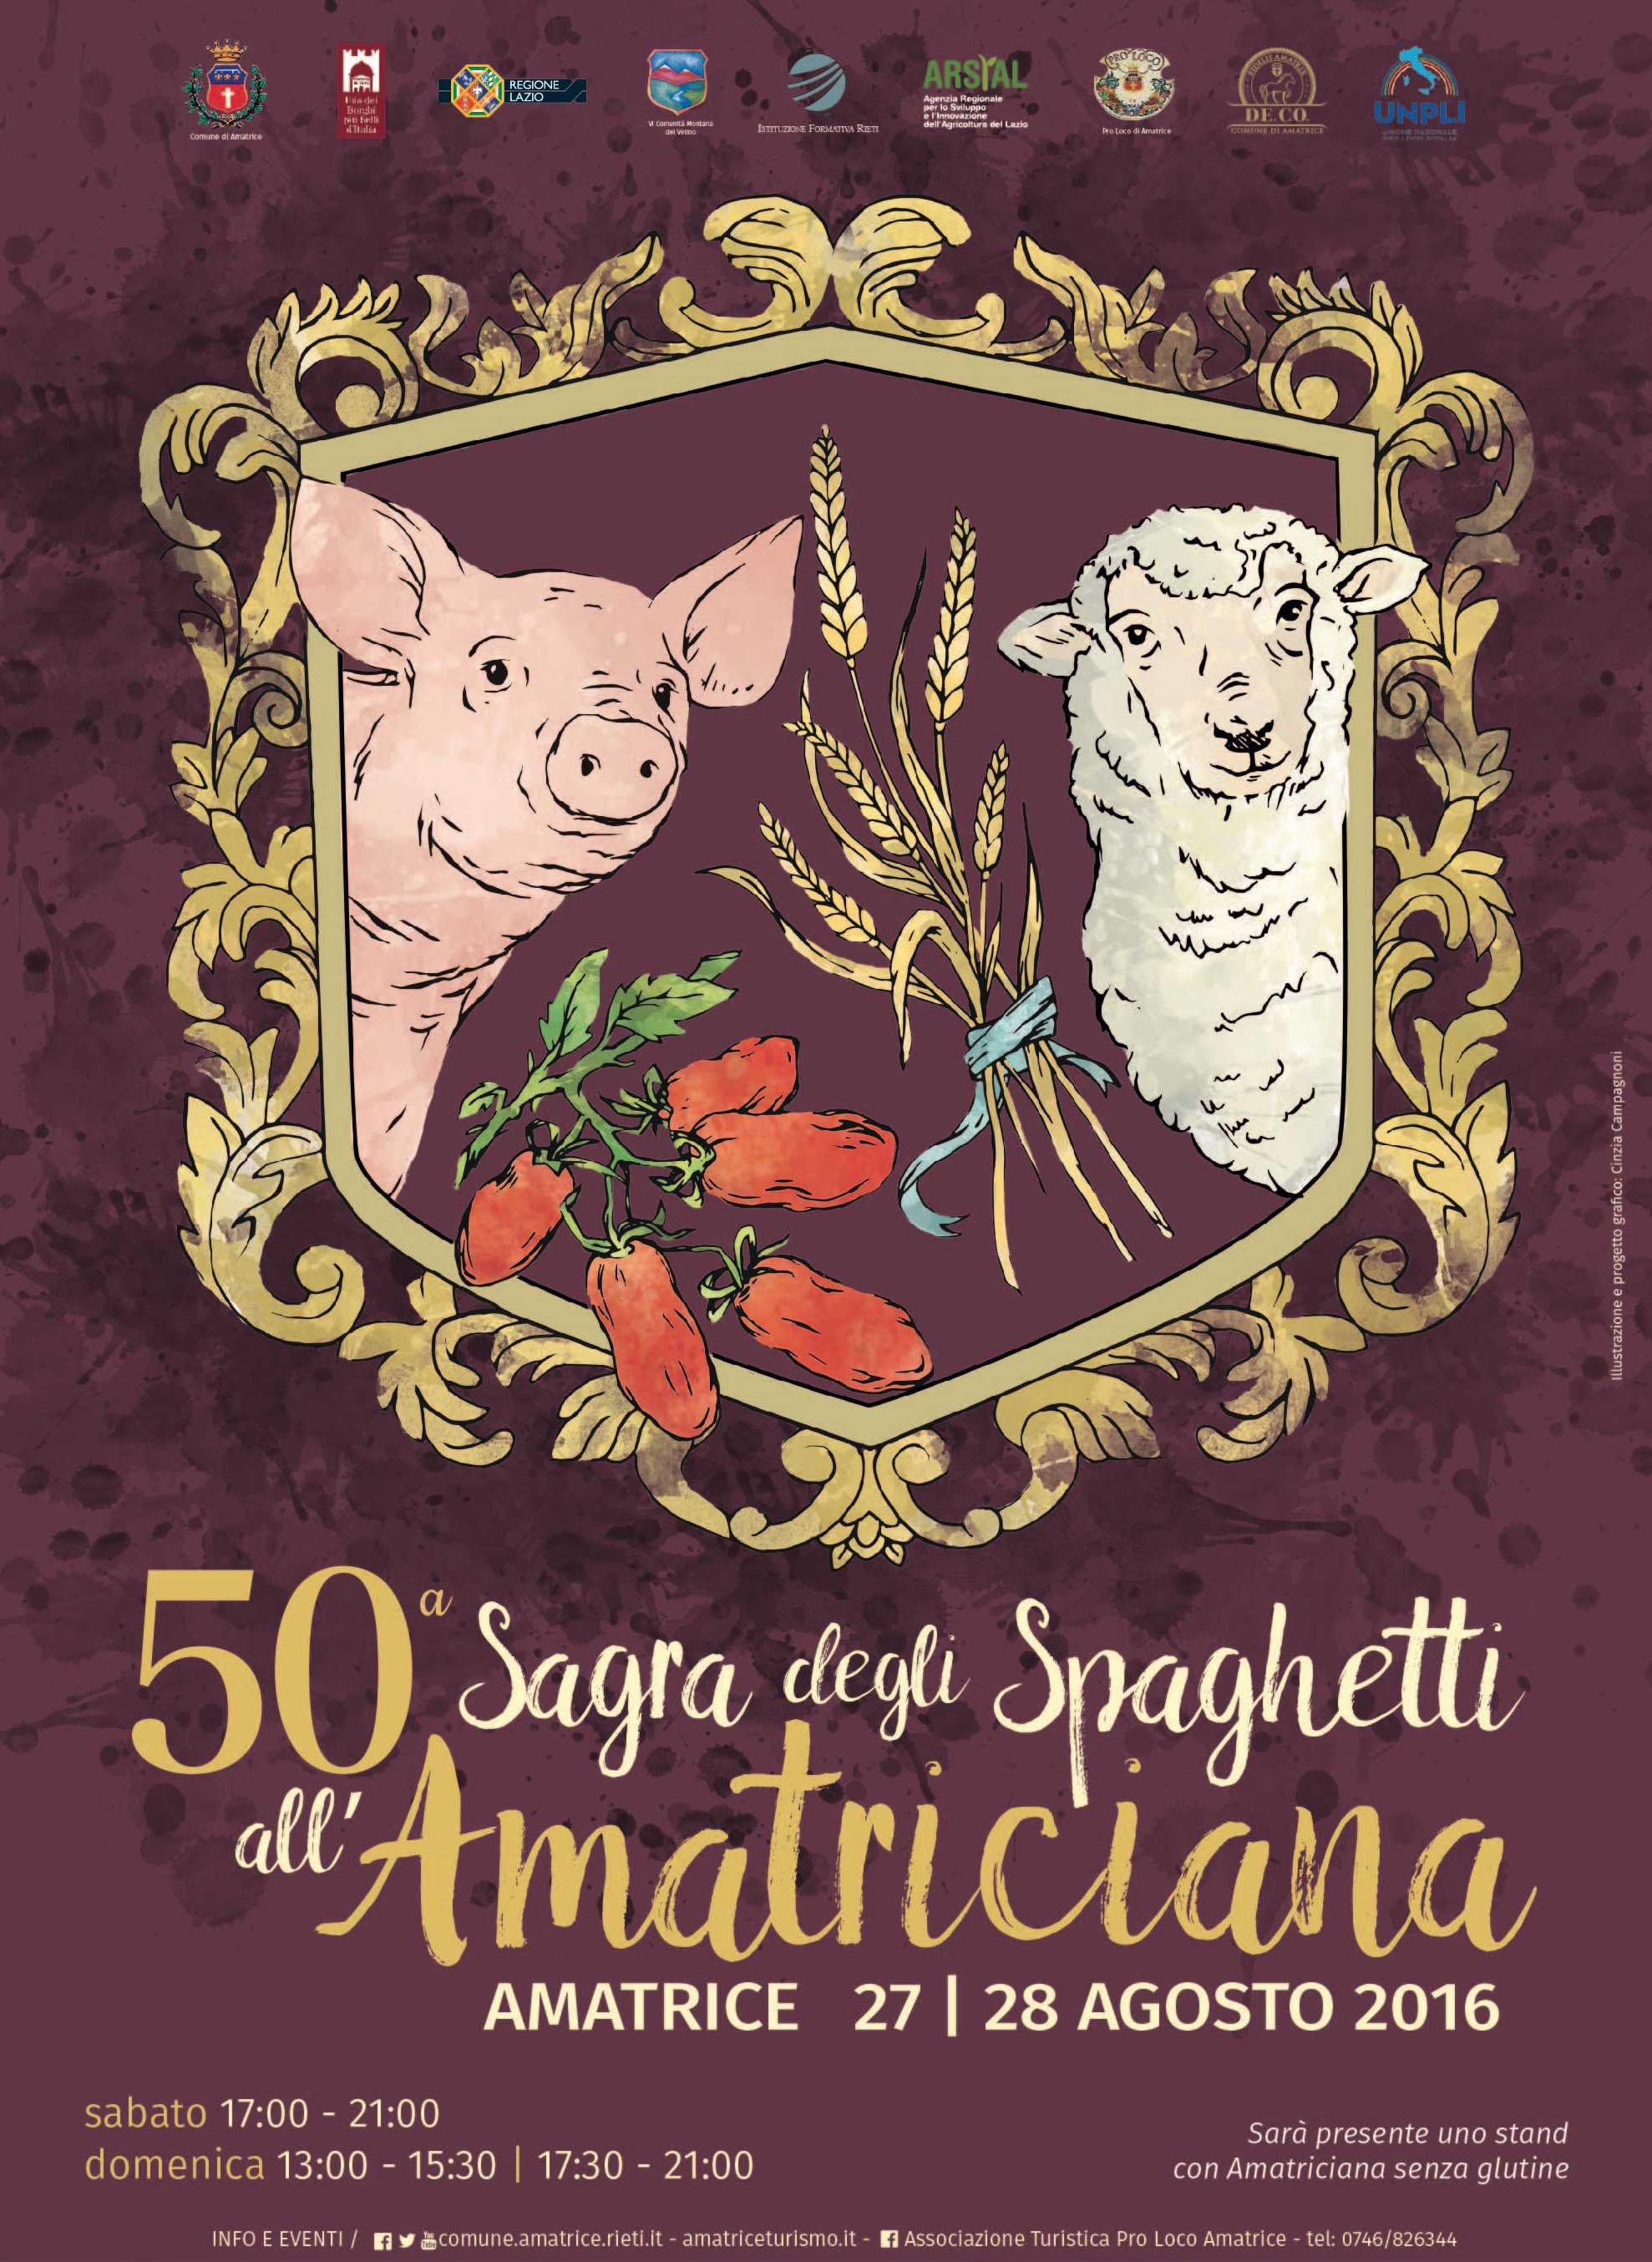 η αφίσα για την γιορτή των σπαγκέτι αλ αματριτσιάνα στο Αμάτριτσε